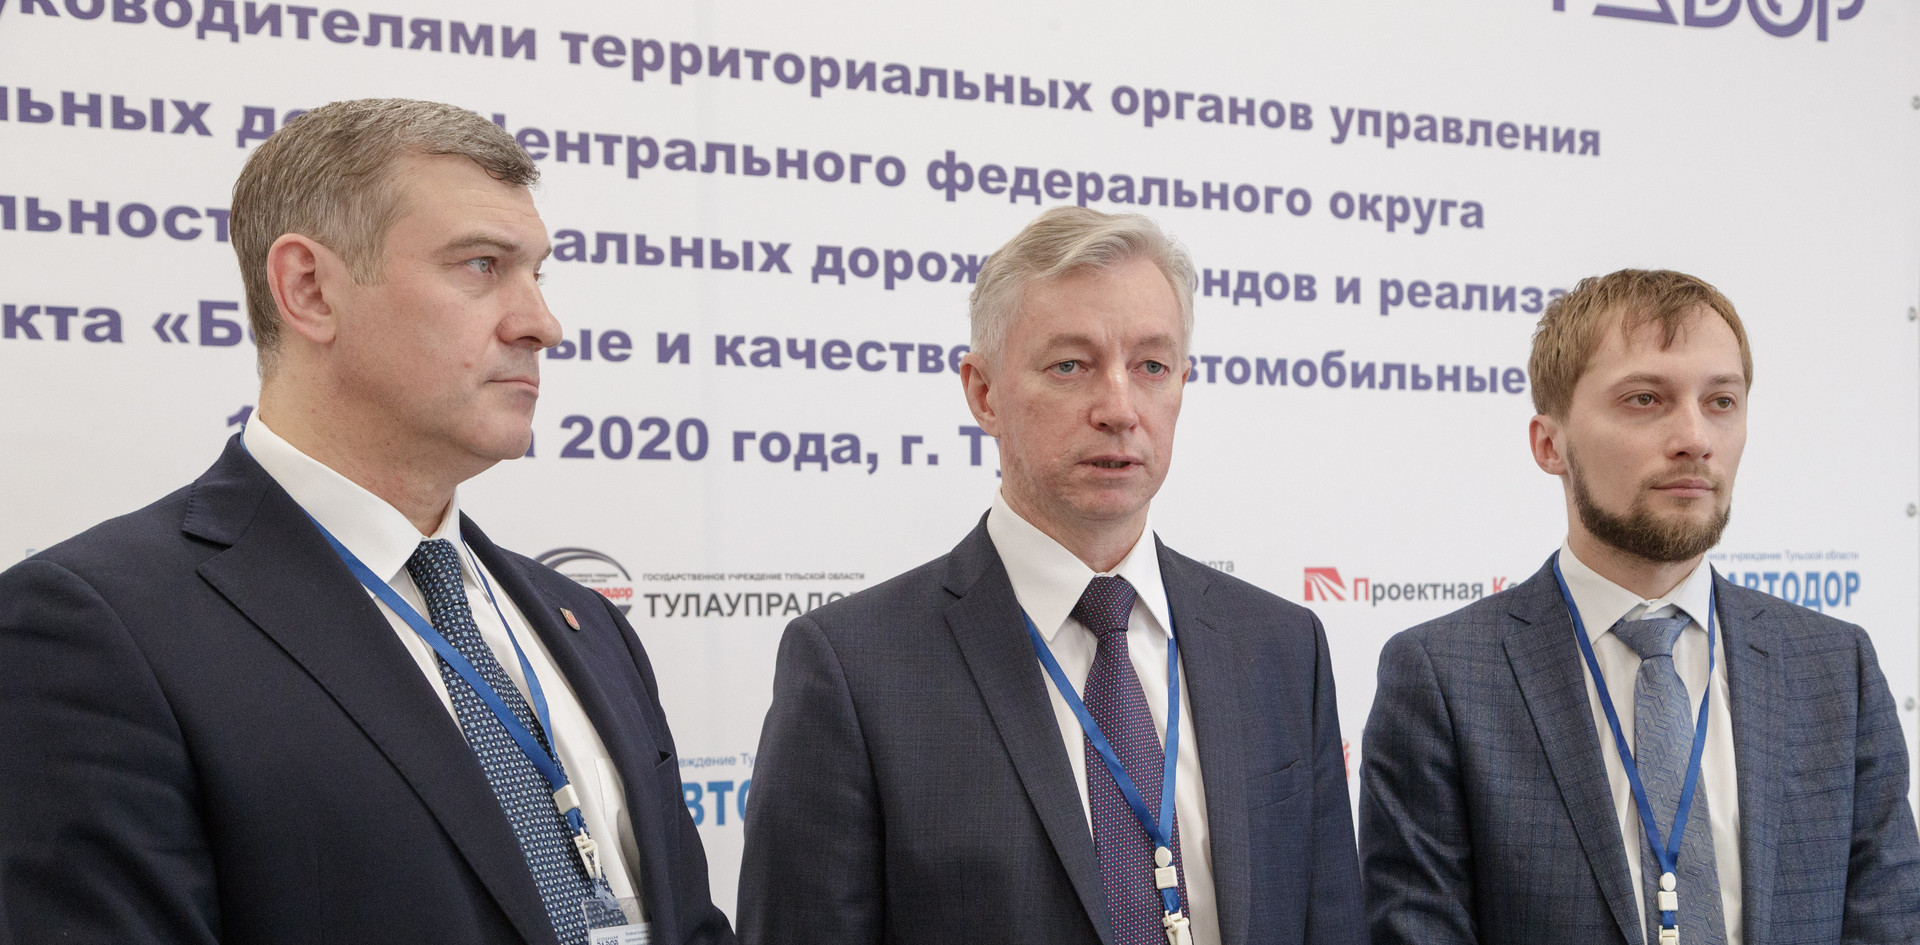 20200311_2971.jpg